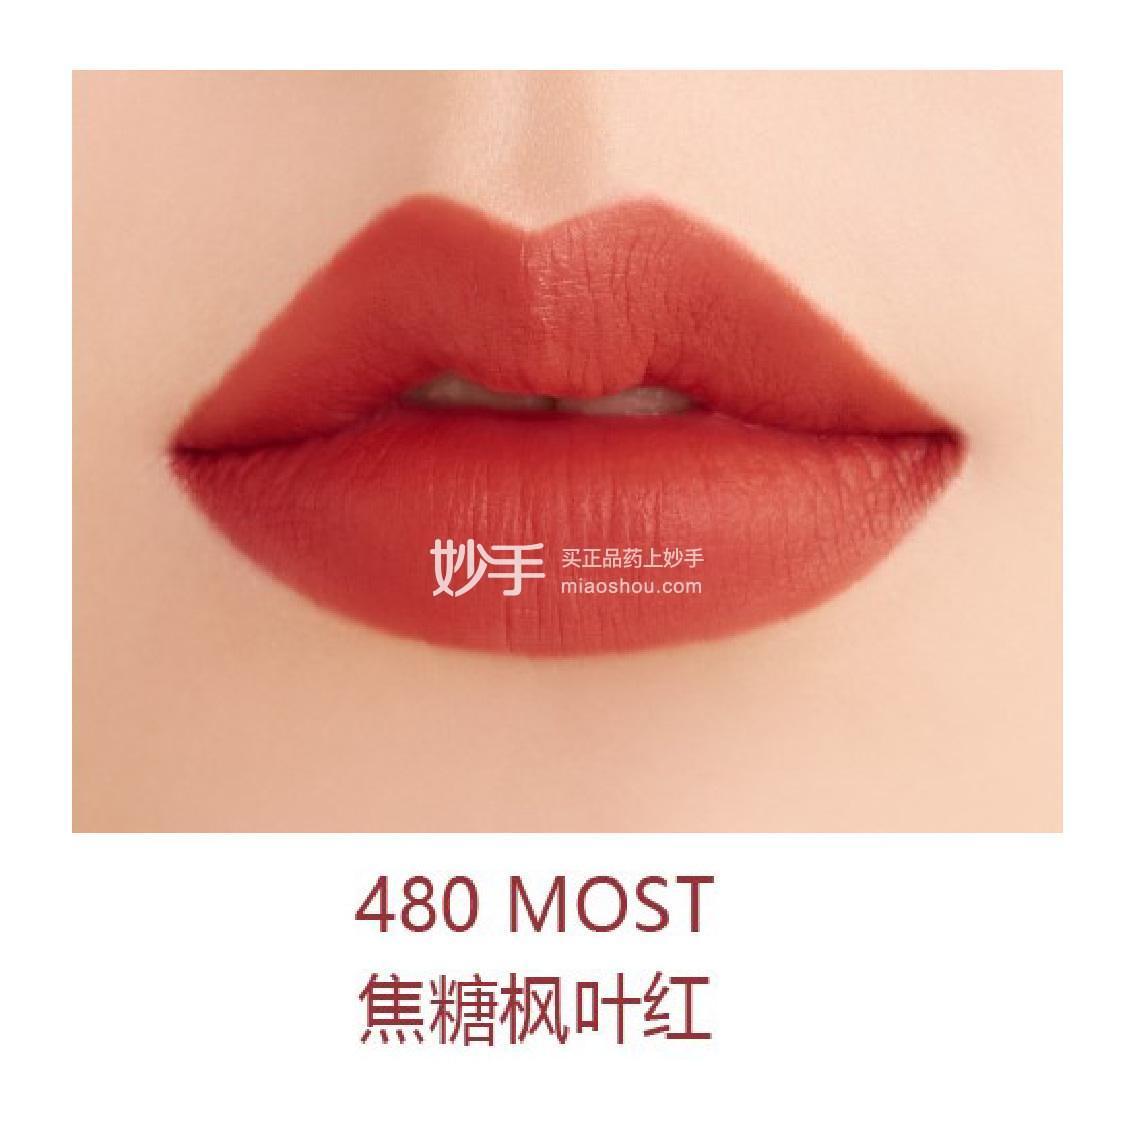 卡珞芮思丝绒倾慕口红 480 挚爱 3.5g